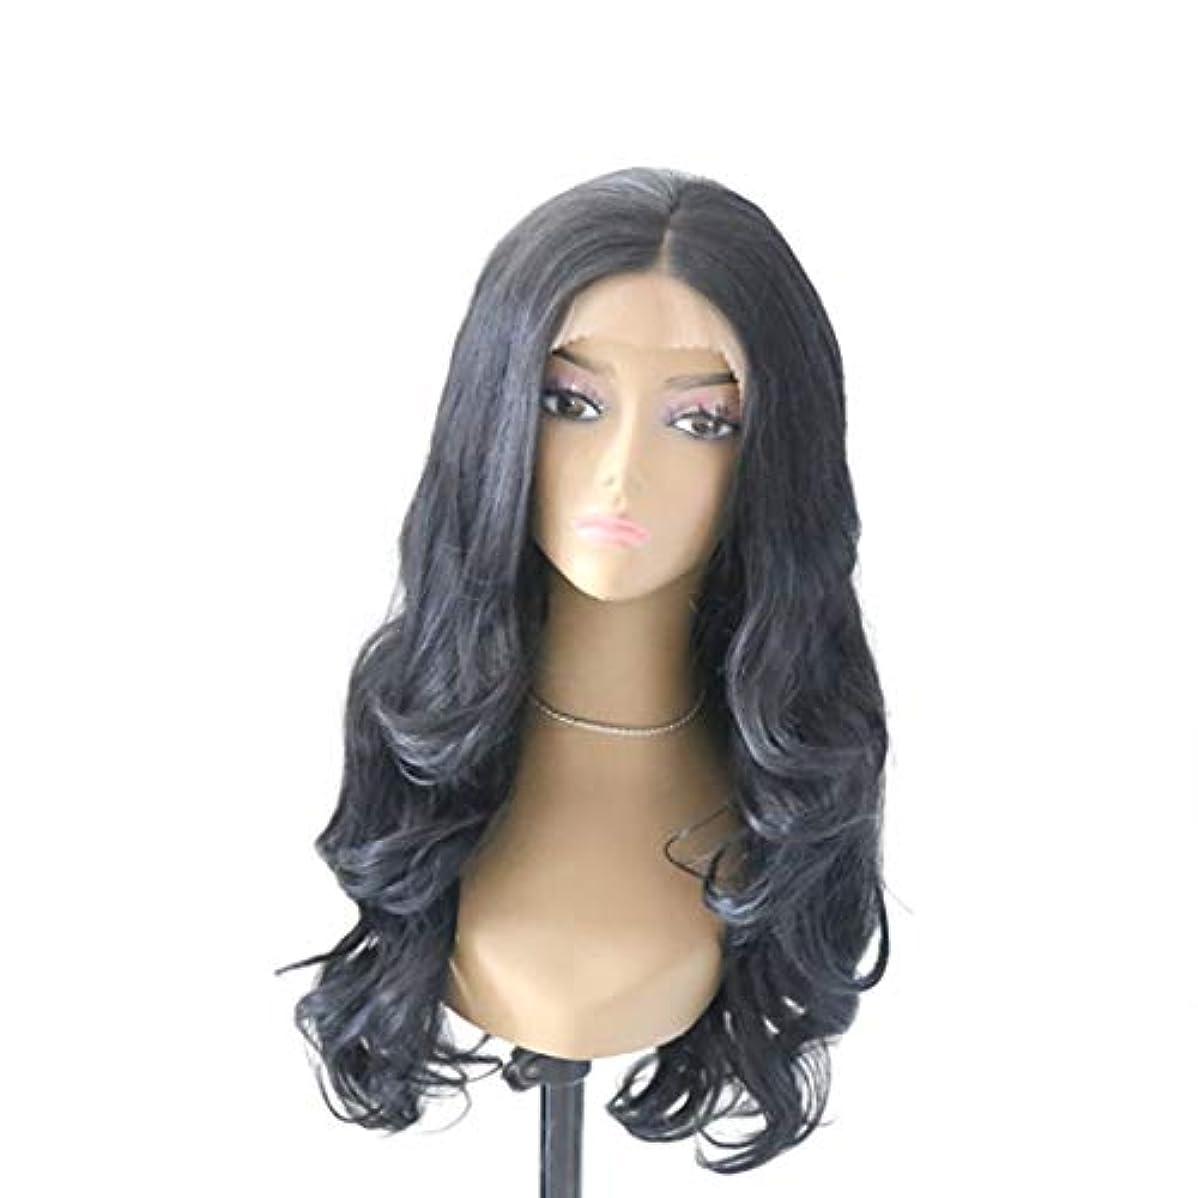 タイル重なるアセンブリSummerys 黒かつら女性のための大きな波状の巻き毛のフロントレース化学繊維かつら